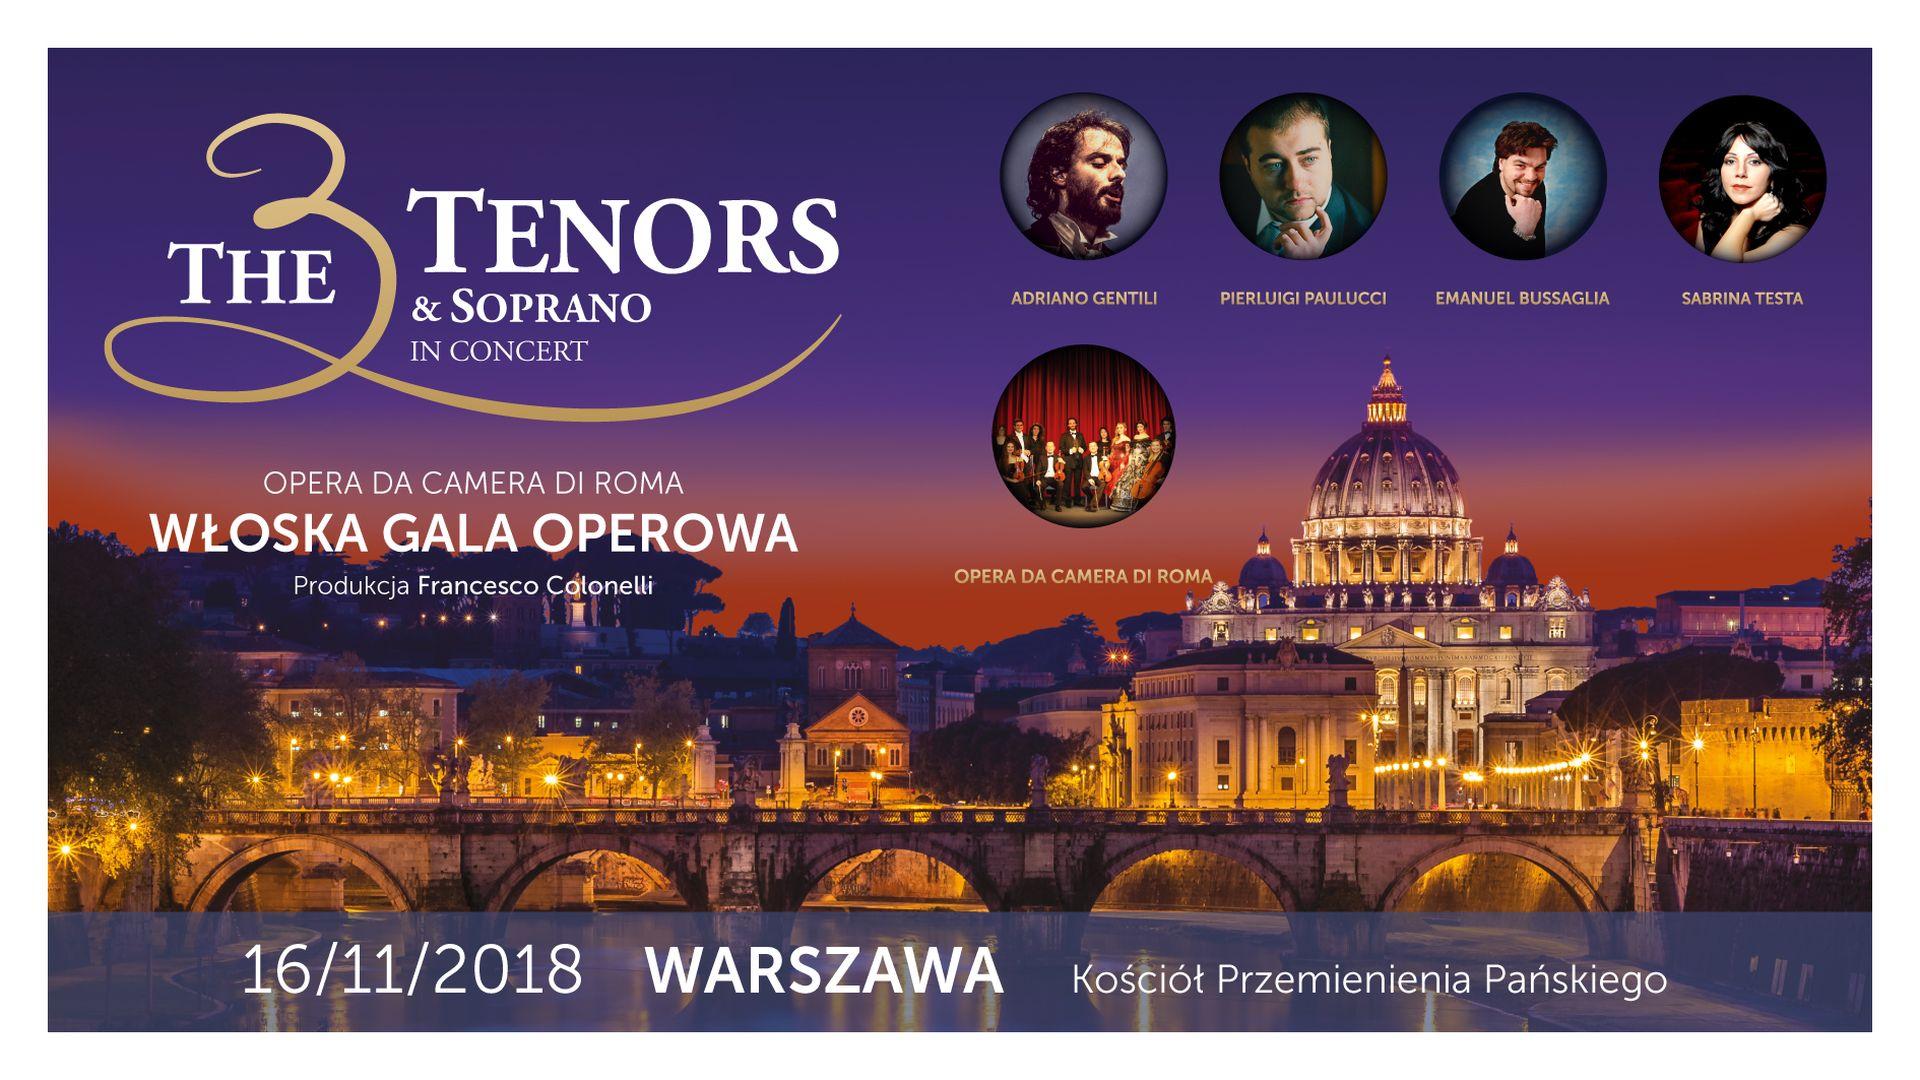 Bilety kolekcjonerskie - The 3 Tenors & Soprano